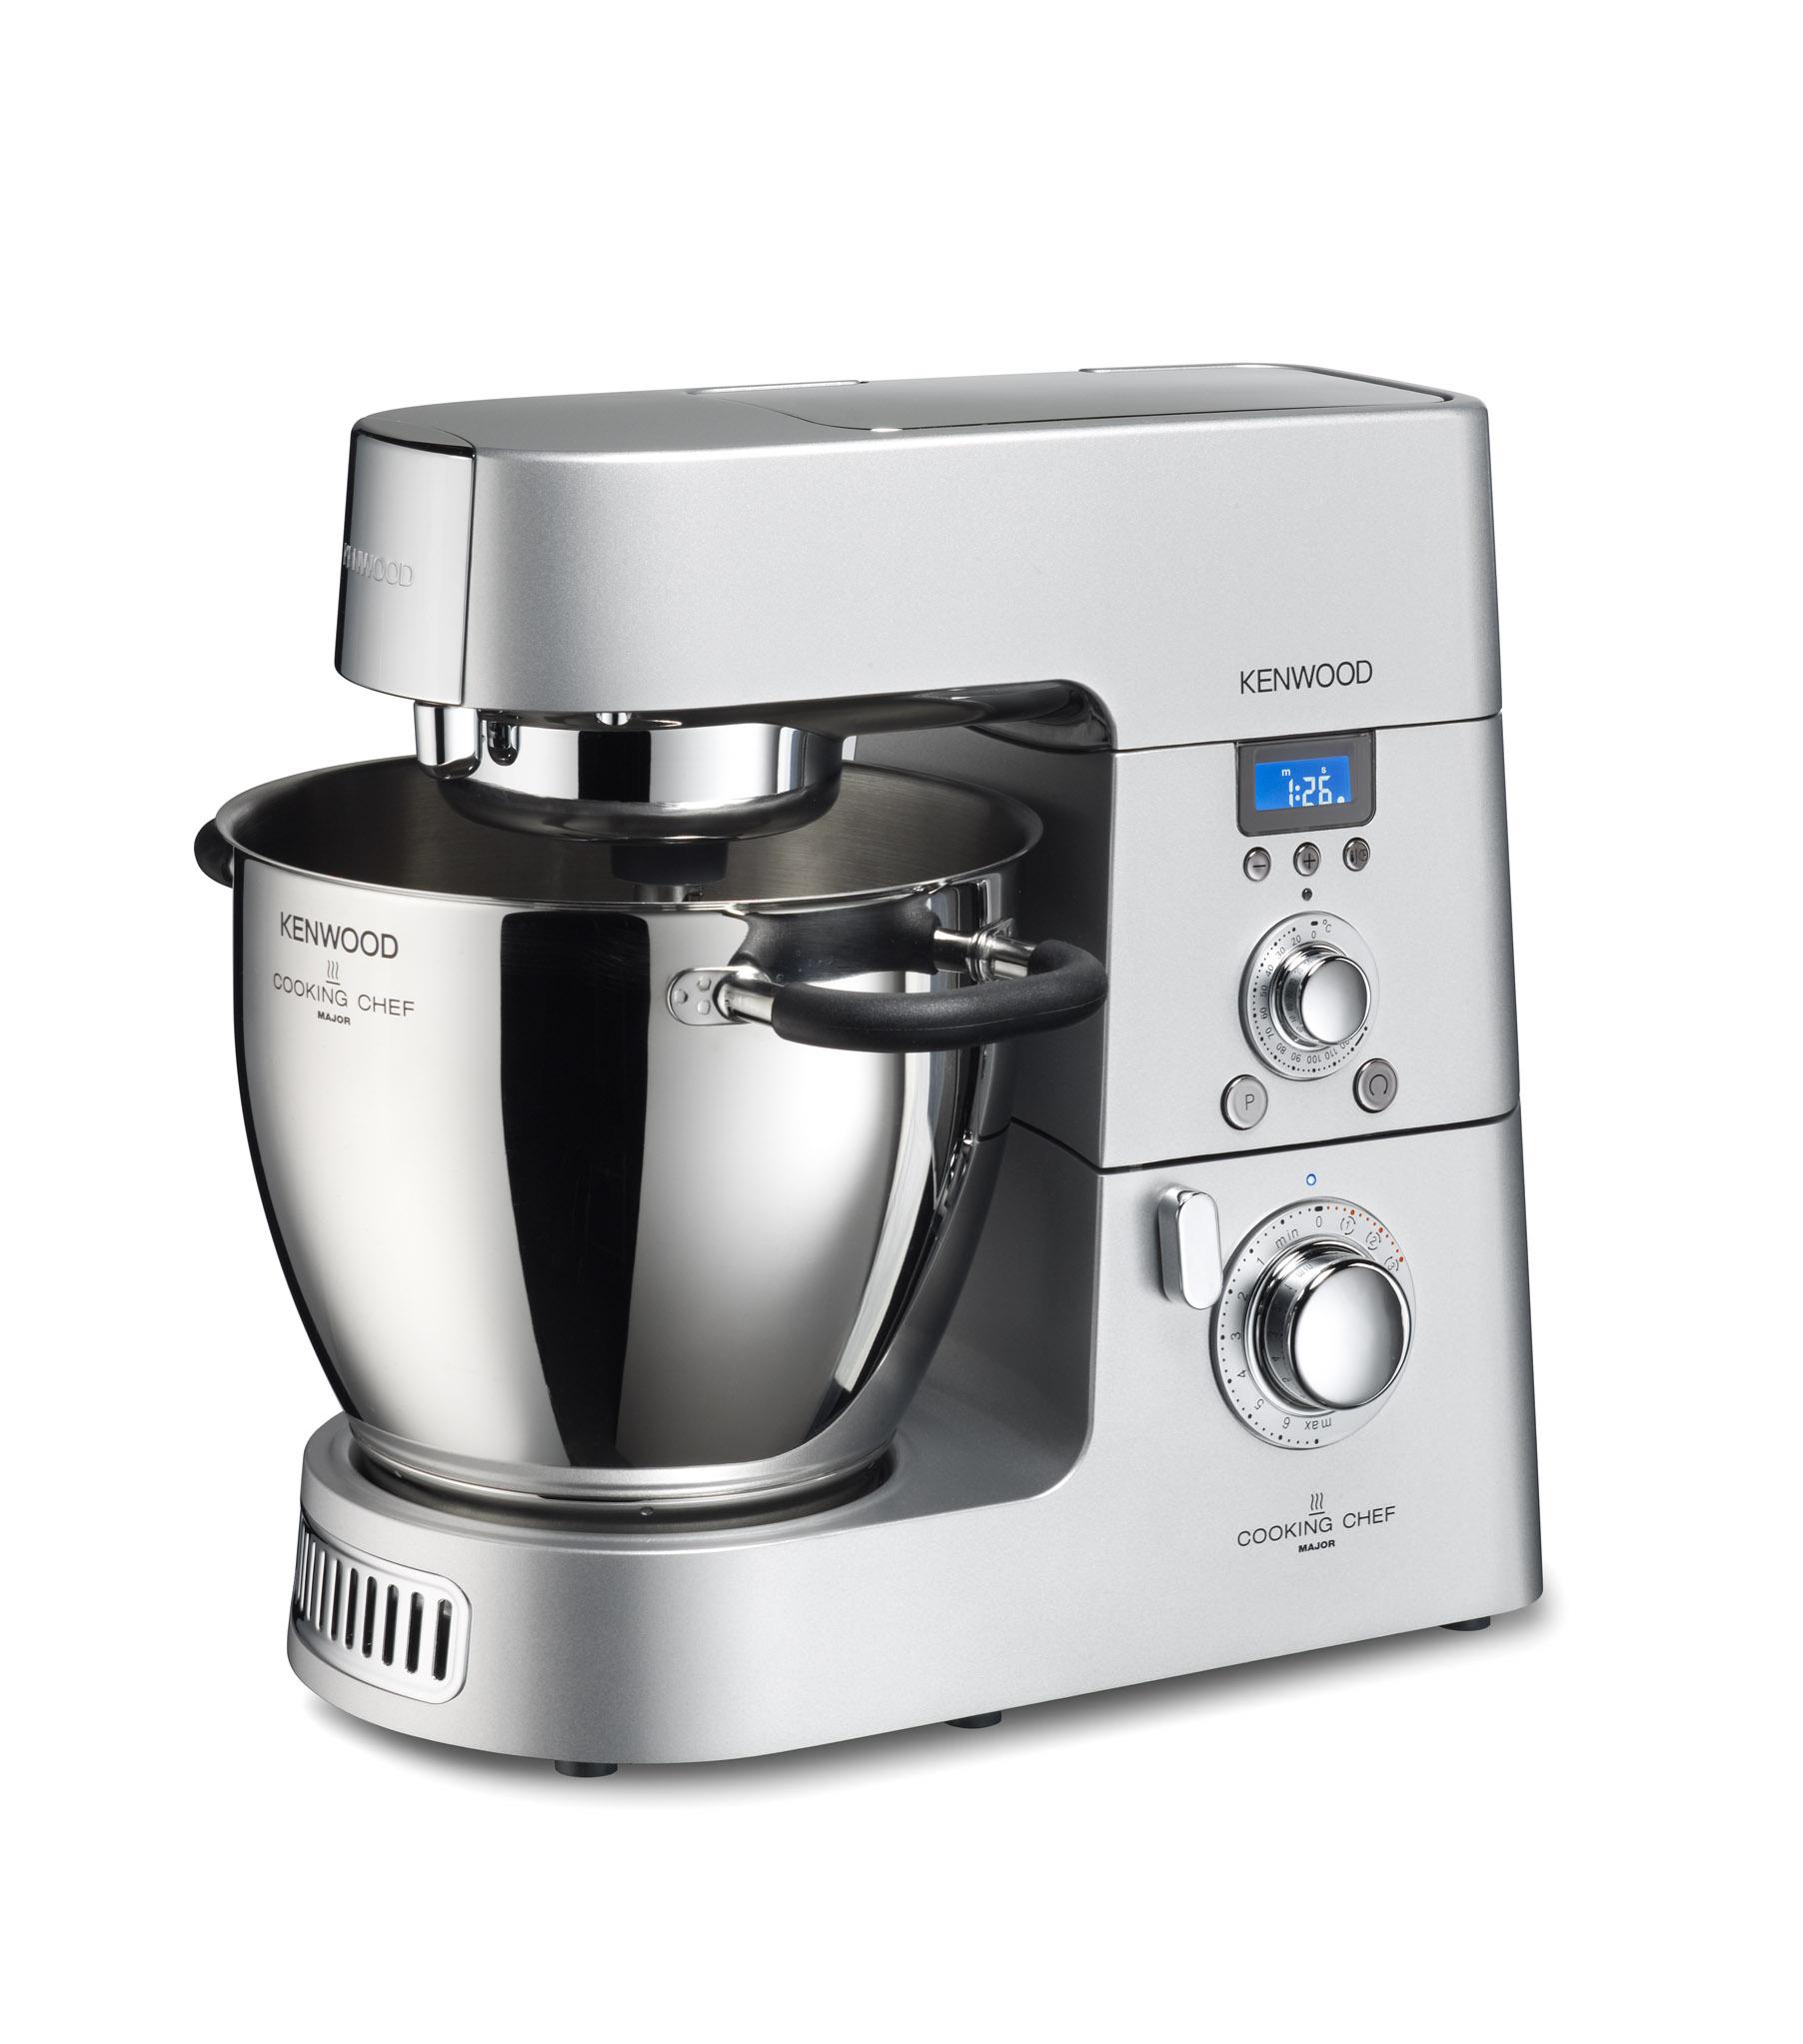 Kenwood Cooking Chef: Die Küchenmaschine, die auch kochen kann